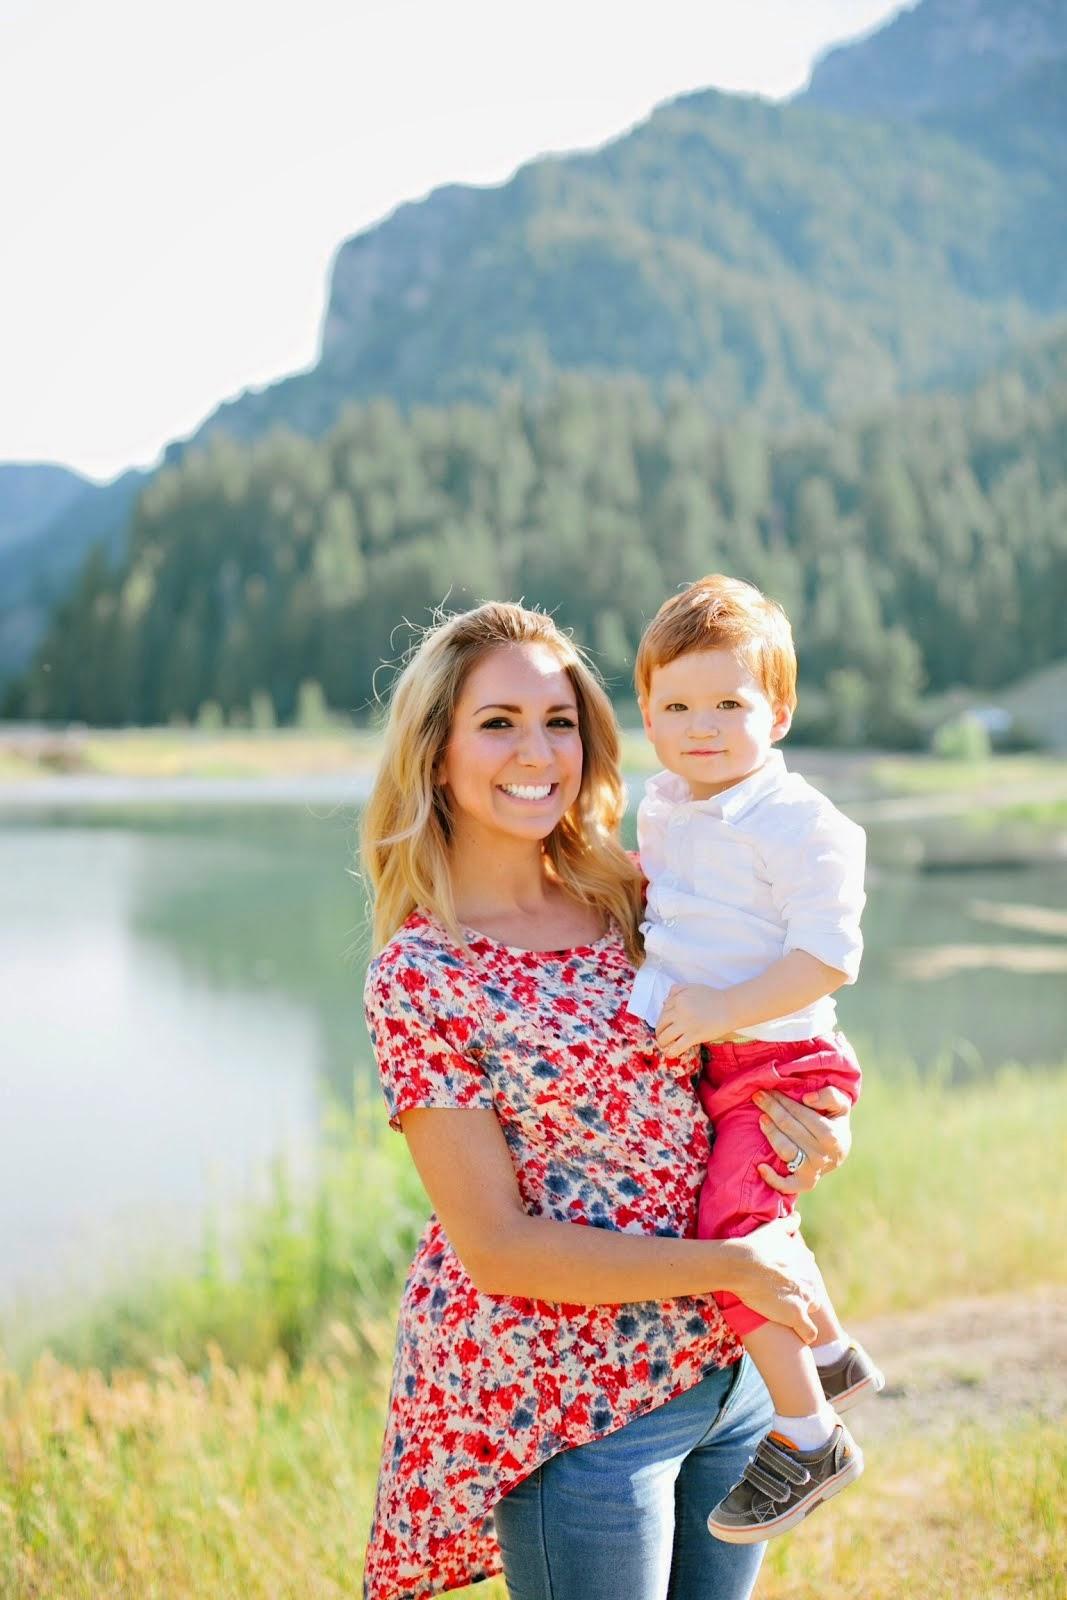 Landon and mom